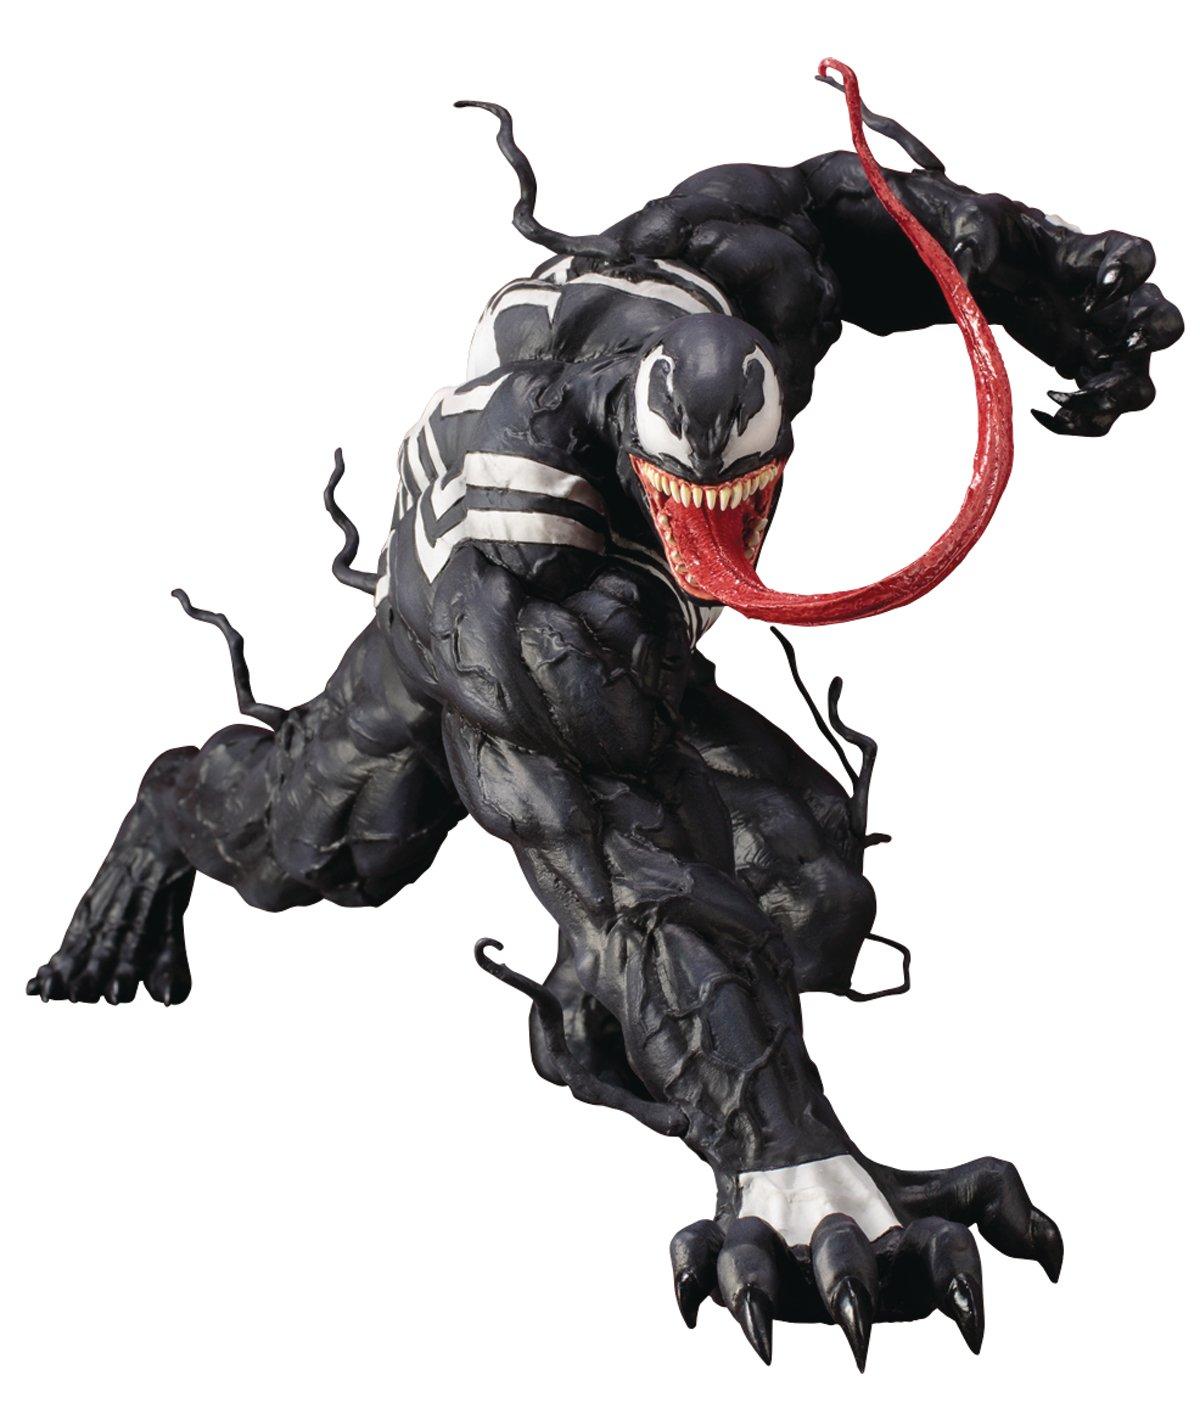 Kotobukiya Marvel Now Venom Artfx+ Statue